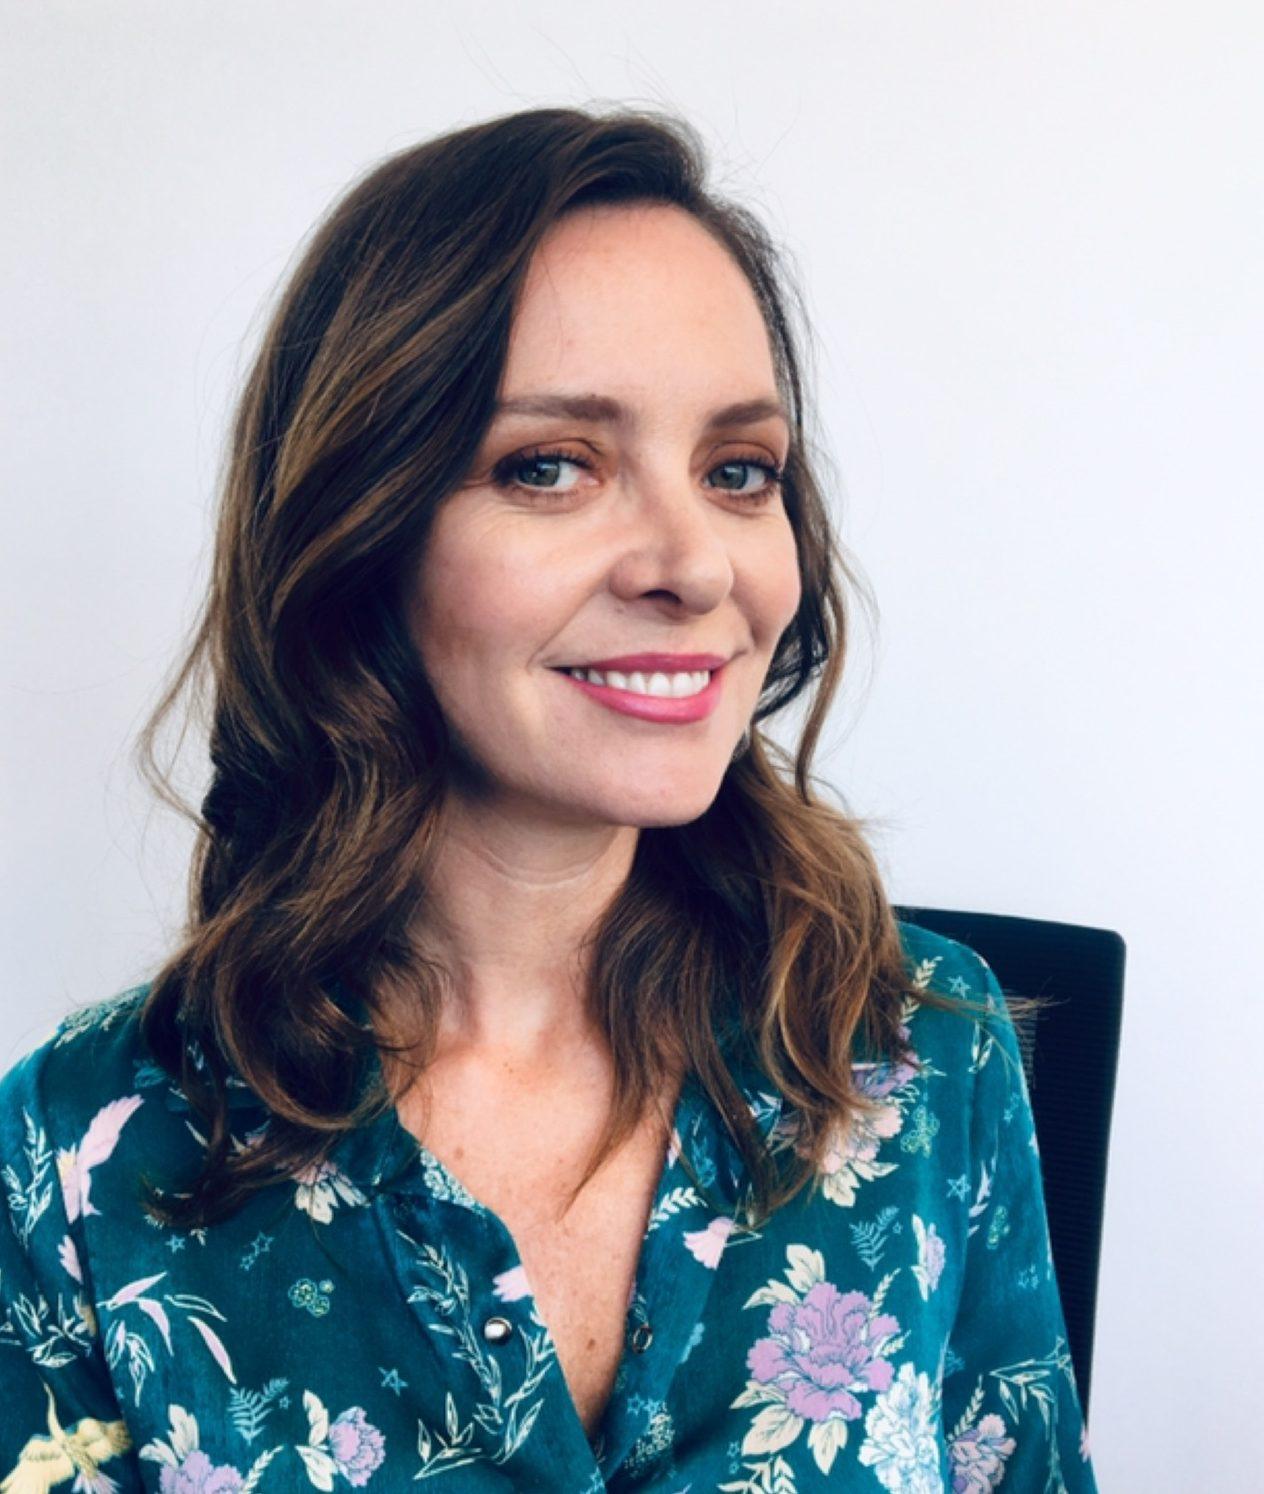 María Elena Dressel perdió su cuenta de Instagram por falsa alerta